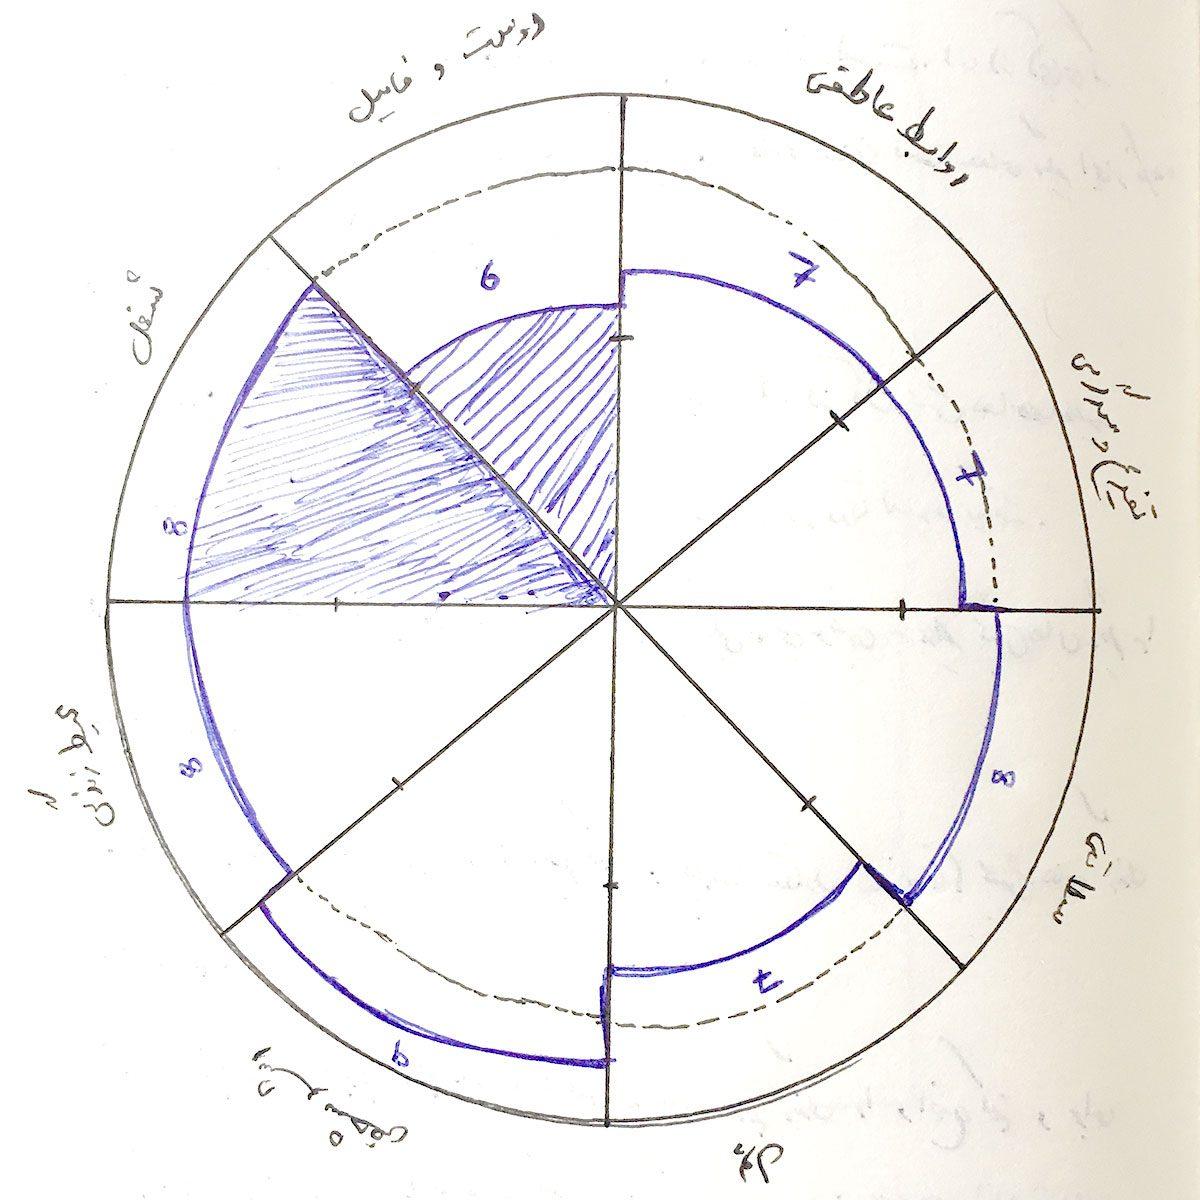 نمونهٔ تمرین چرخ زندگی - دی ۱۳۹۷